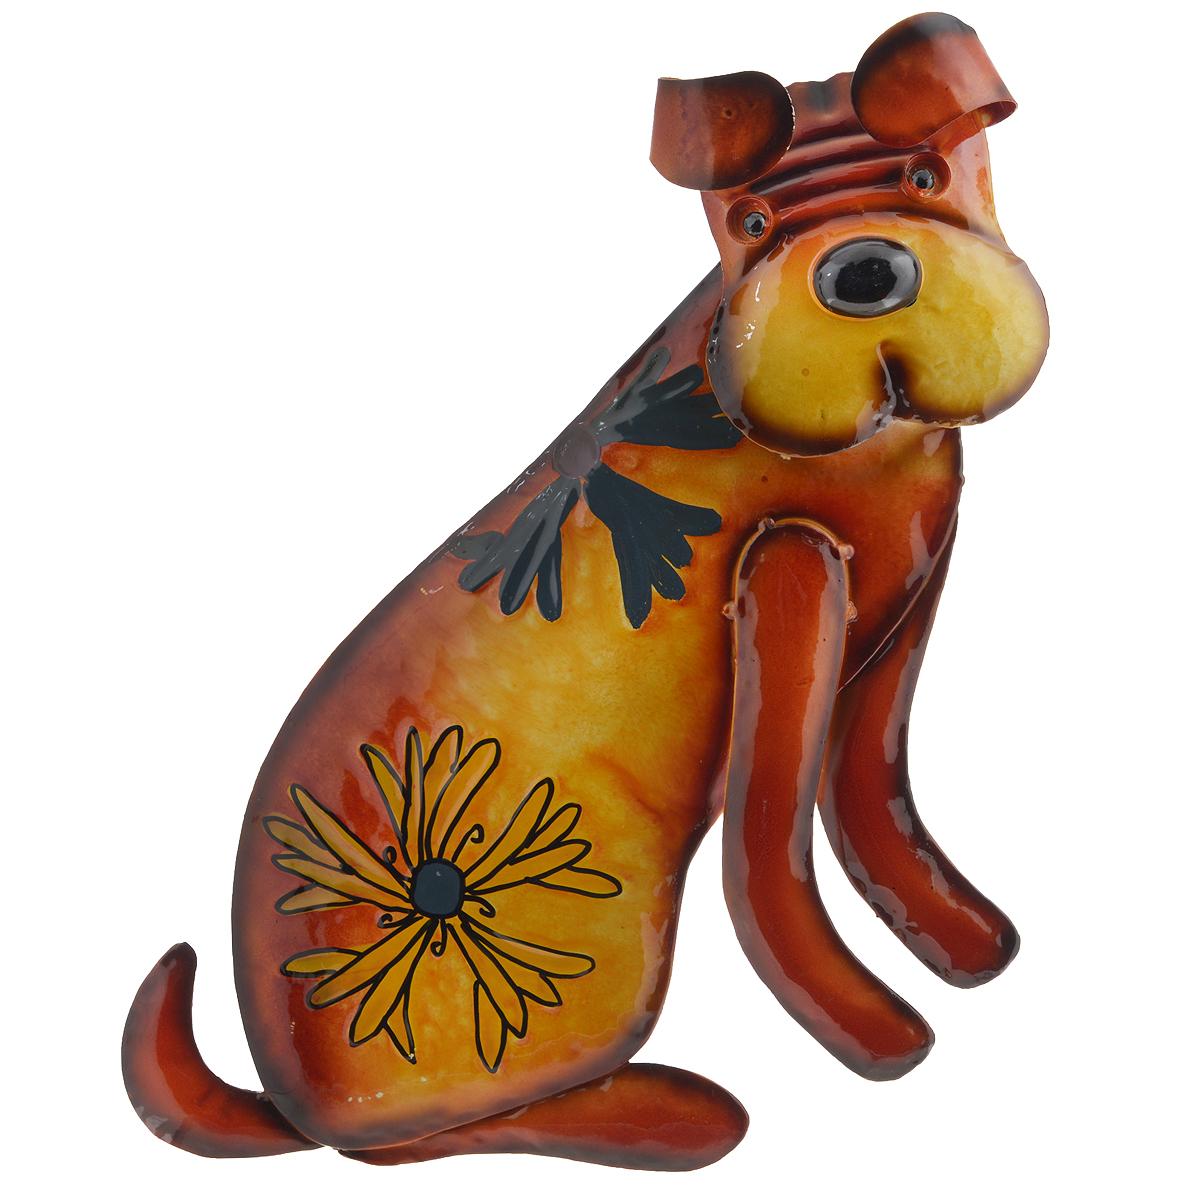 Панно декоративное настенное Molento Собака. 576-056576-056Декоративное настенное панно Molento Собака, изготовленное из металла, позволит вам украсить интерьер дома, рабочего кабинета или любого другого помещения оригинальным образом. Изделие выполнено в виде собаки, оформленной изображением цветов. Голова собаки подвижна благодаря пружине, на которую она крепиться к телу. Панно имеет рельефную поверхность и оснащено специальным отверстием для подвешивания. С таким панно вы сможете не просто внести в интерьер элемент оригинальности, но и создать атмосферу загадочности и изысканности.